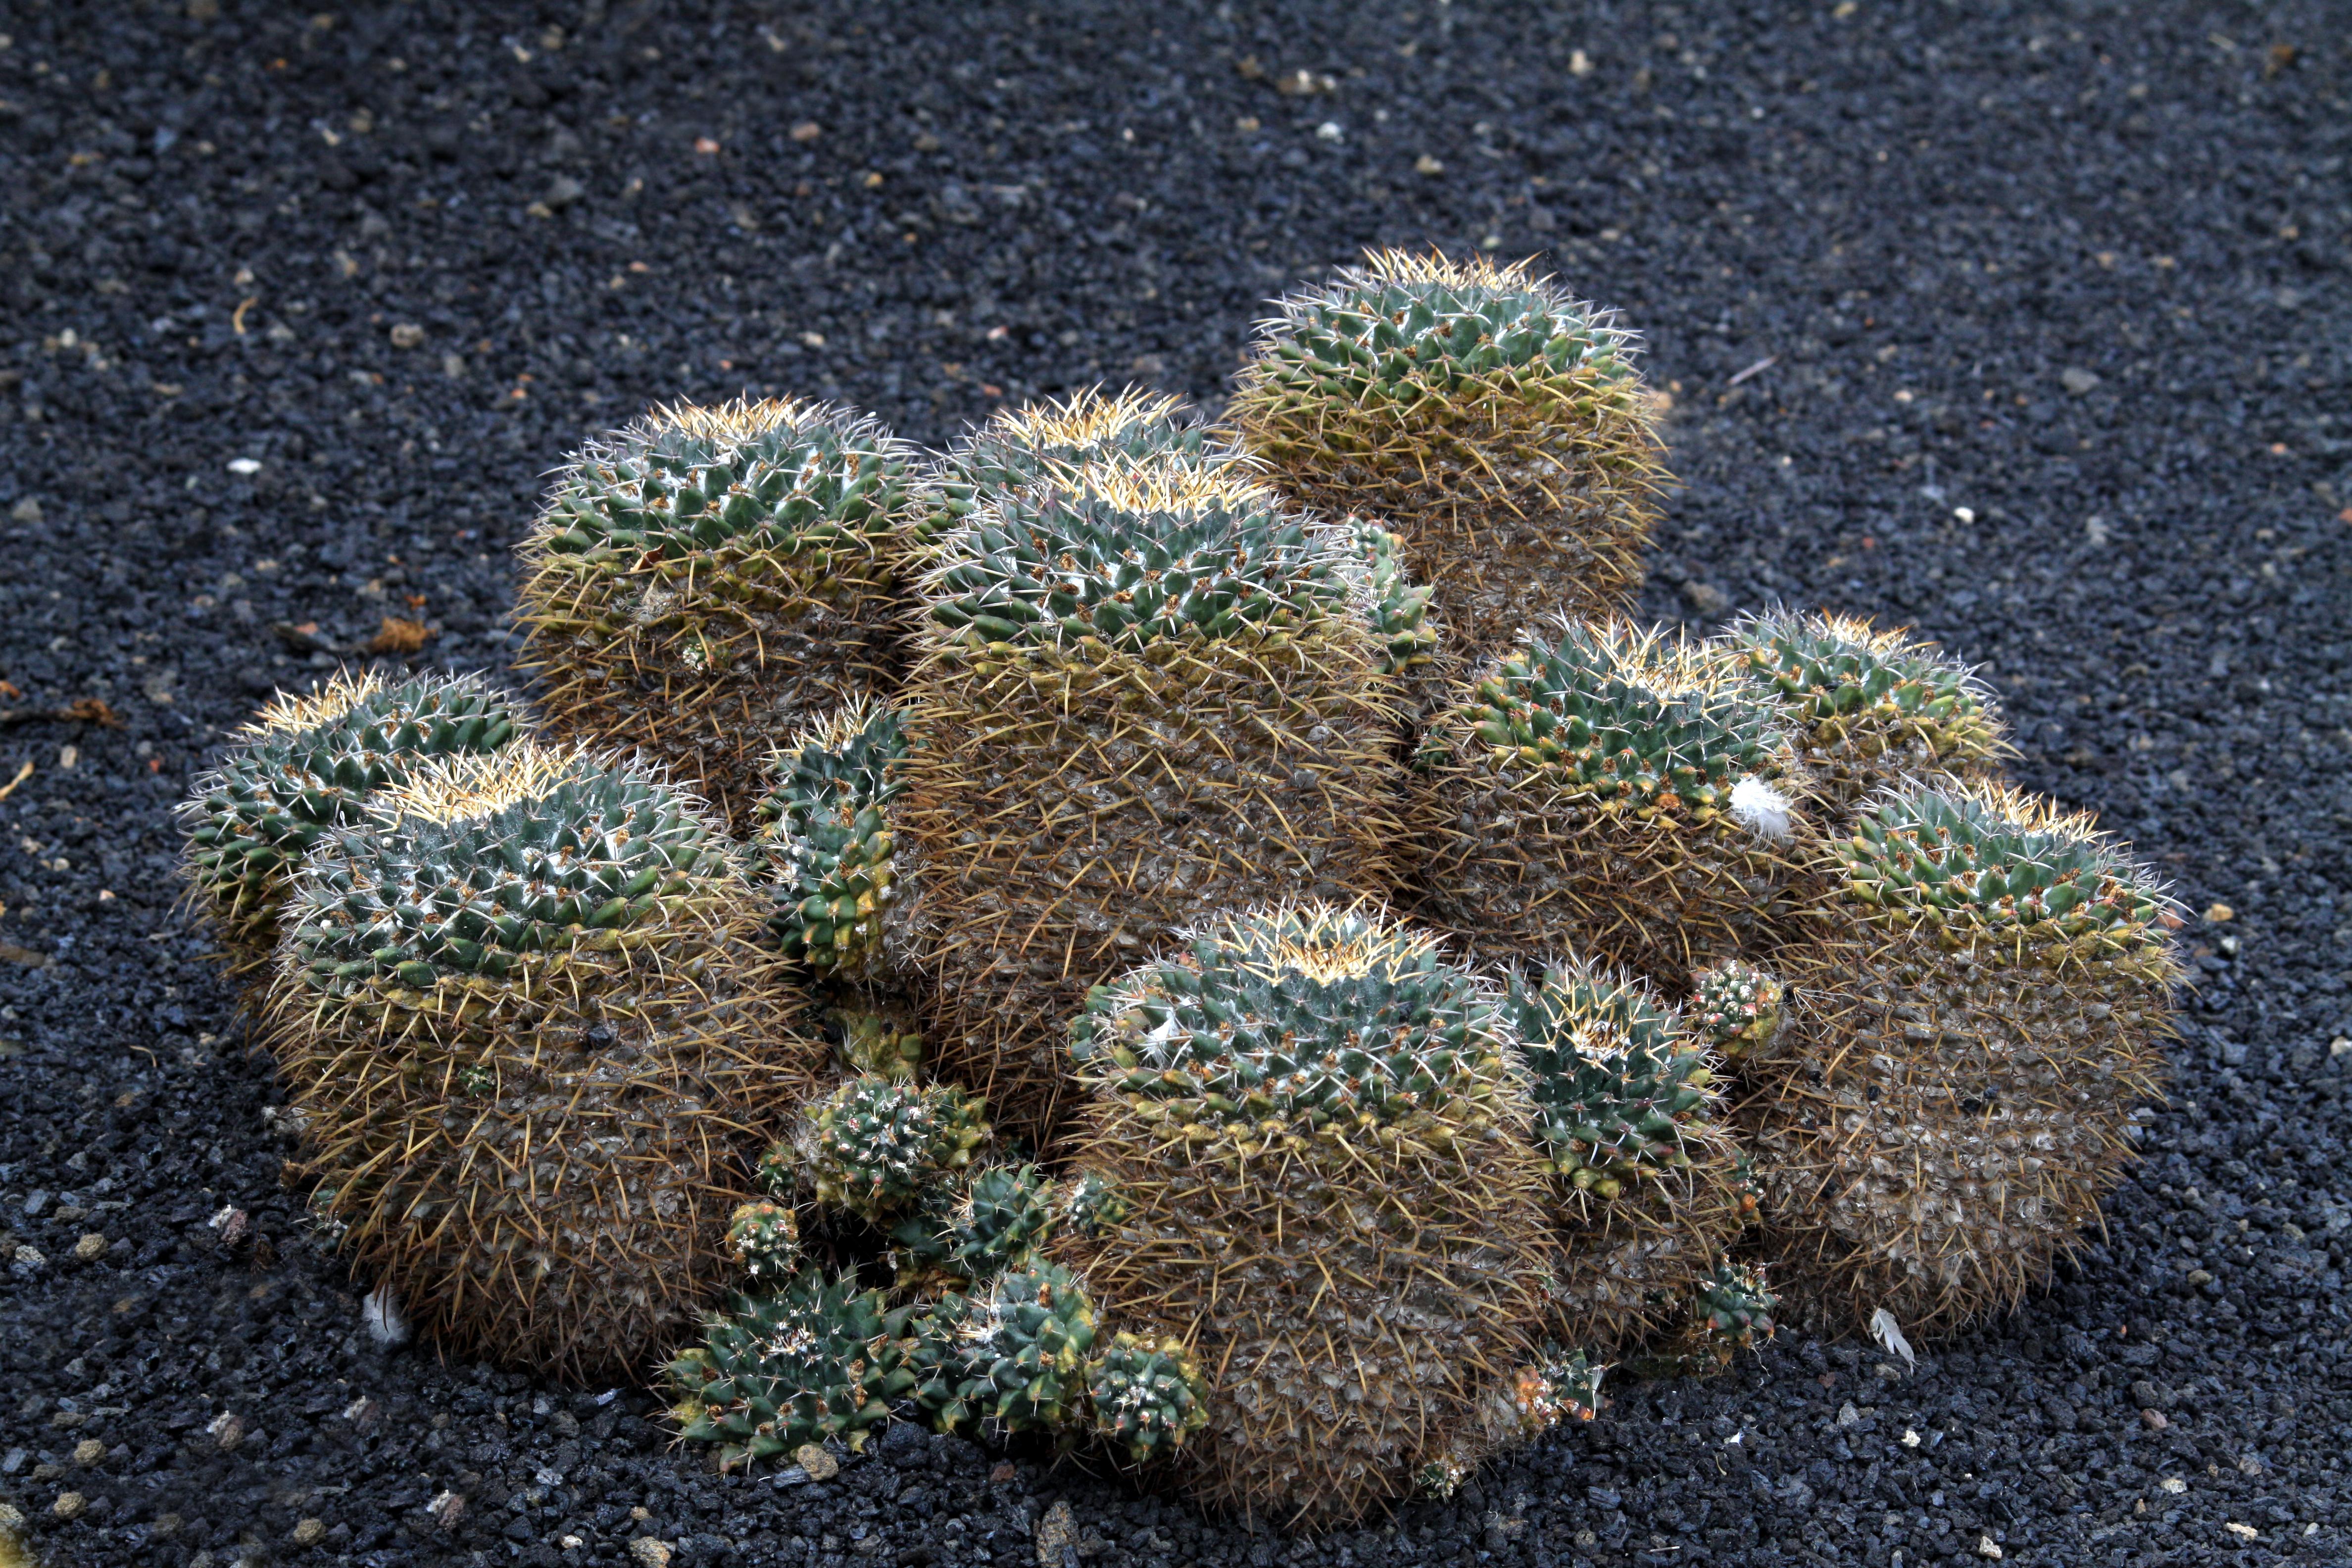 File mammillaria magnimamma in jardin de cactus on for Jardin de cactus lanzarote